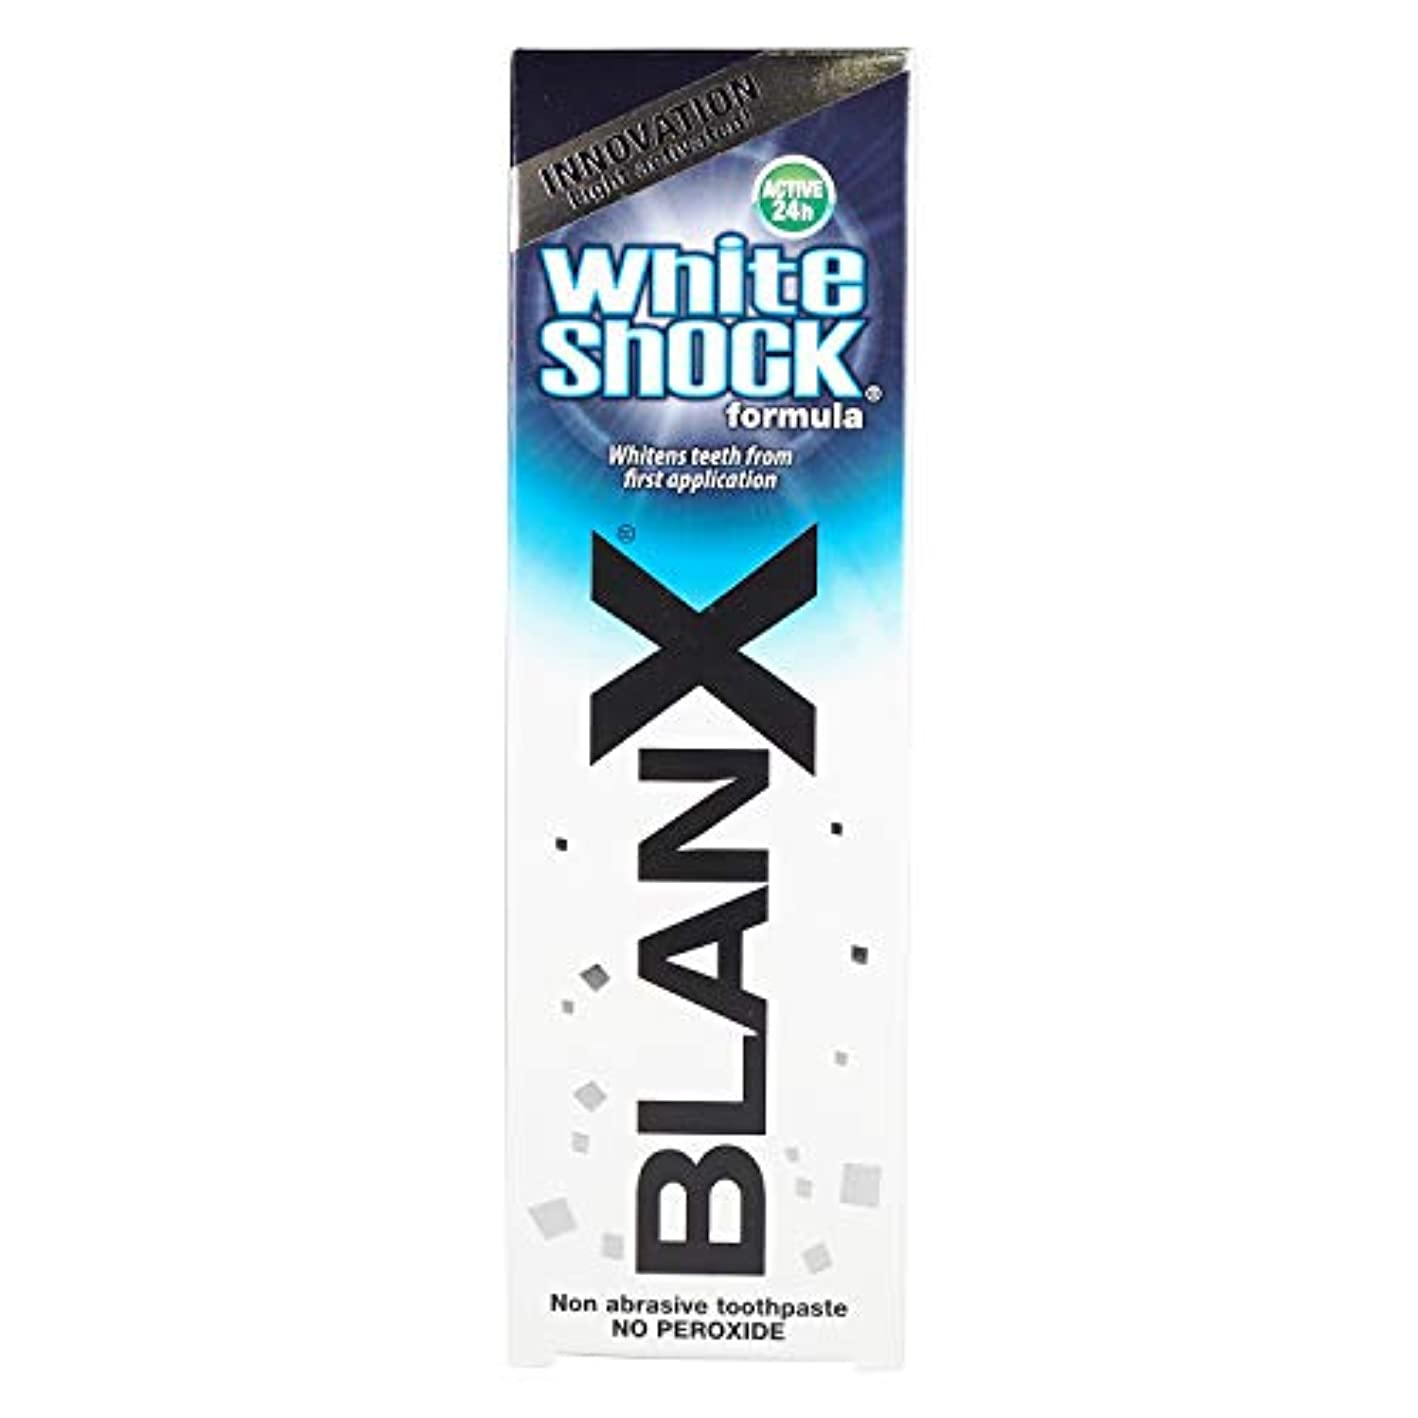 疑問に思うキュービックアレルギー性ブランクス ホワイトショック 92g